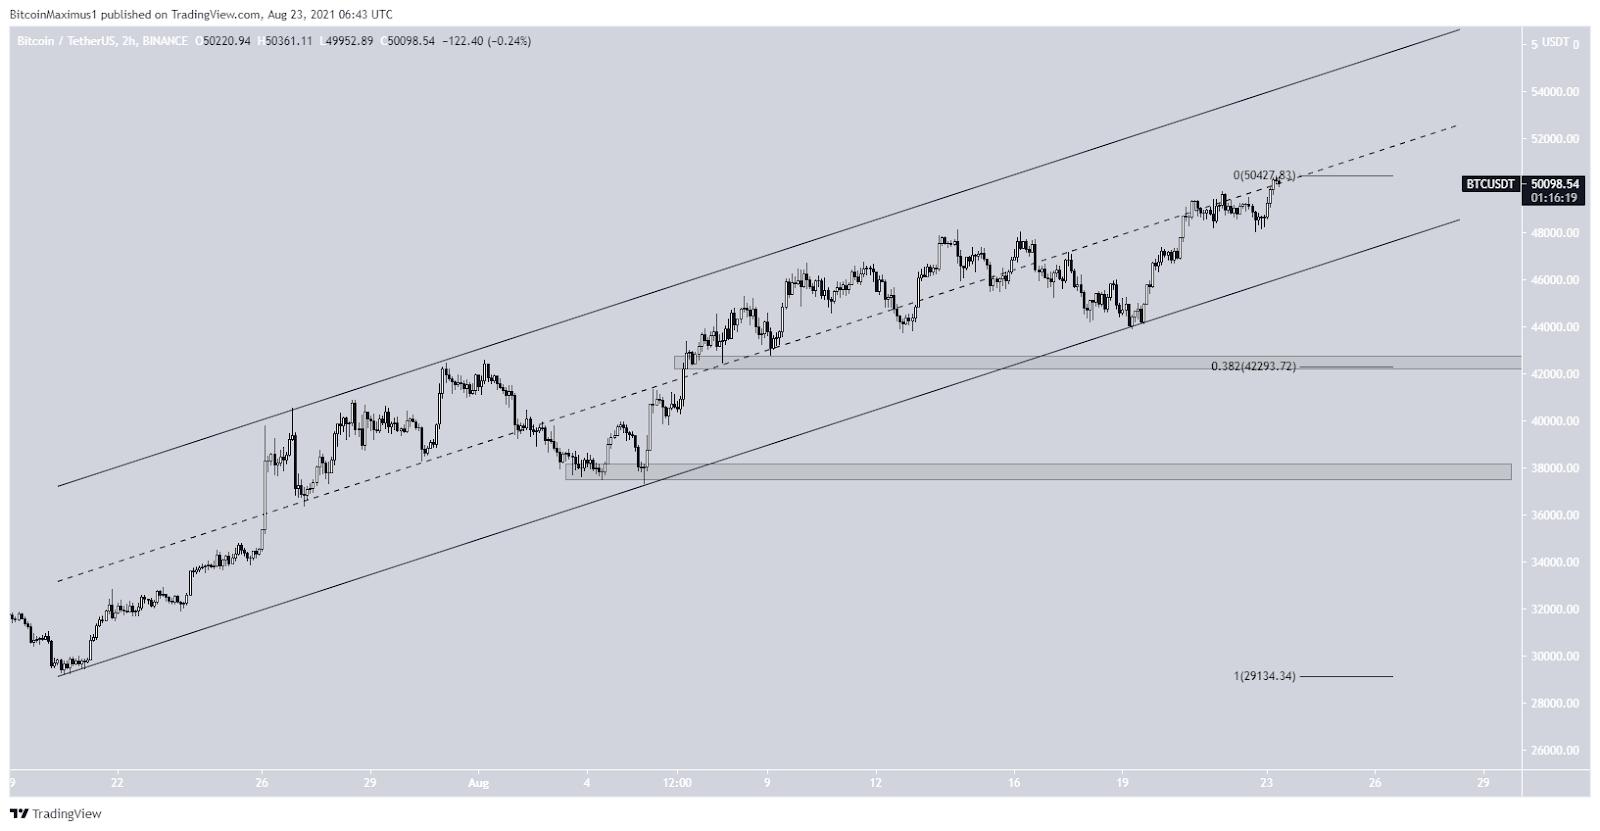 Bitcoin Price Price Chart 3 08/23/2021